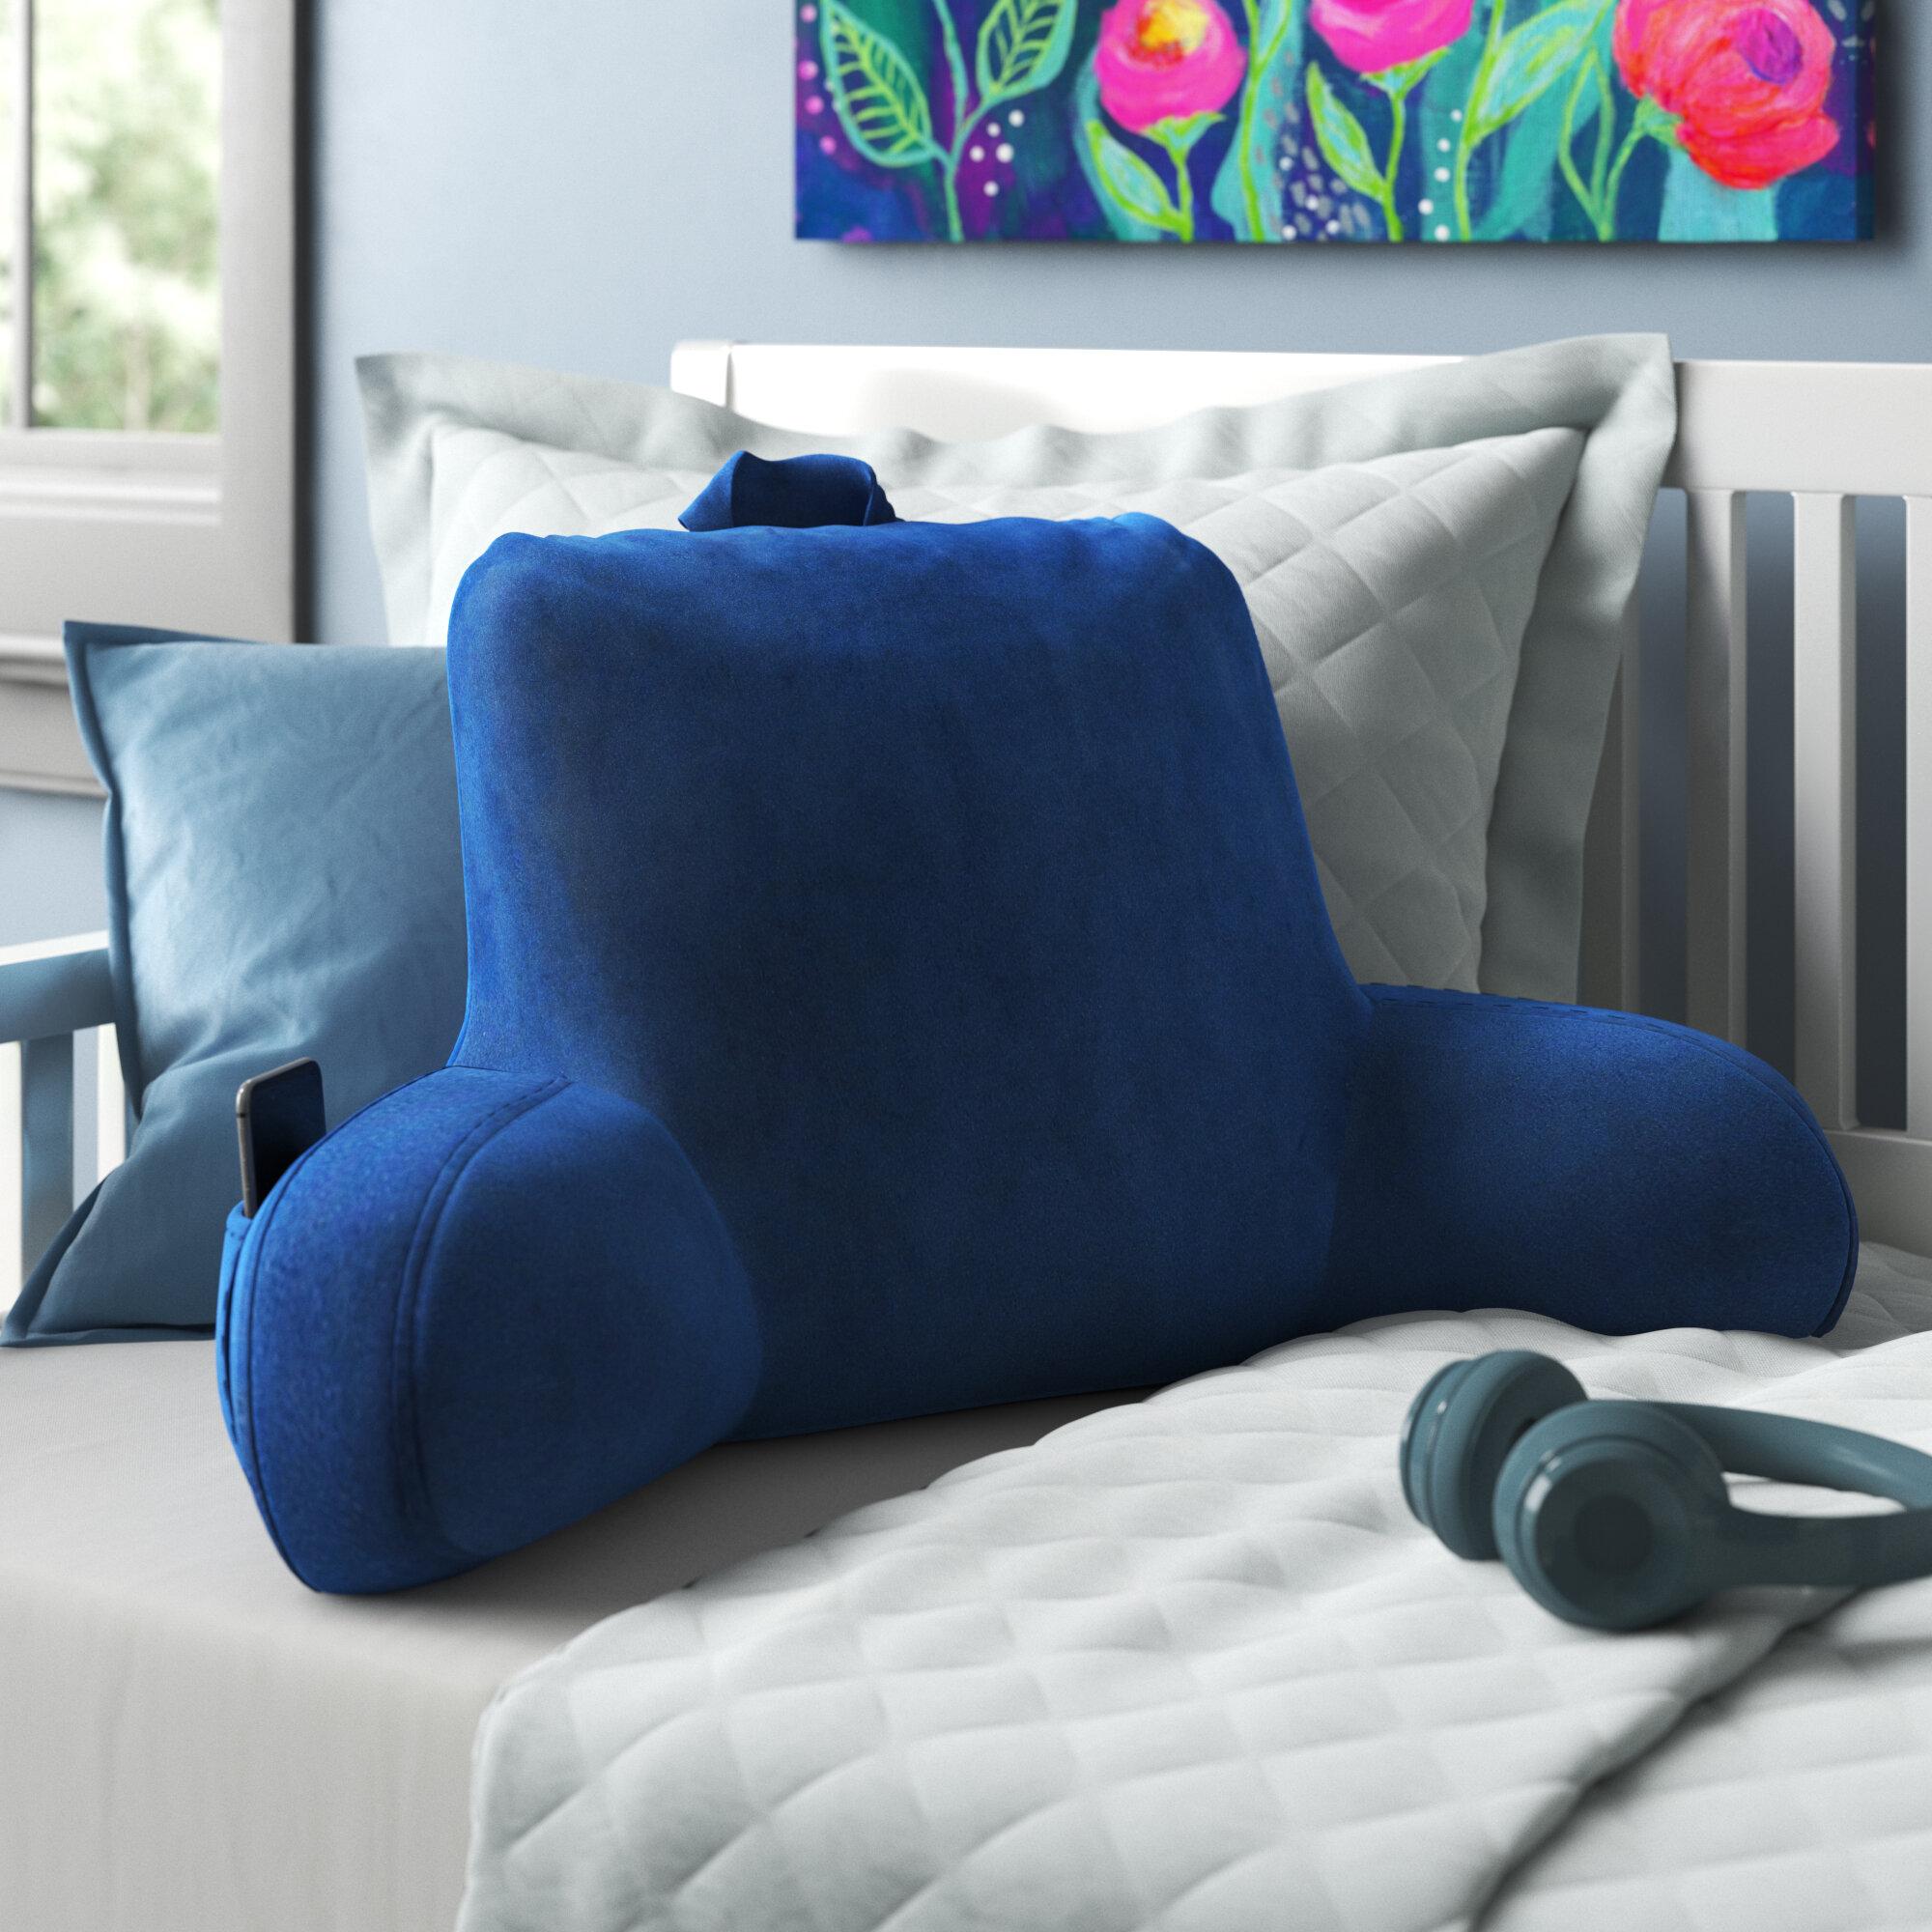 Accent Pillow Teen Decor You Ll Love In 2021 Wayfair